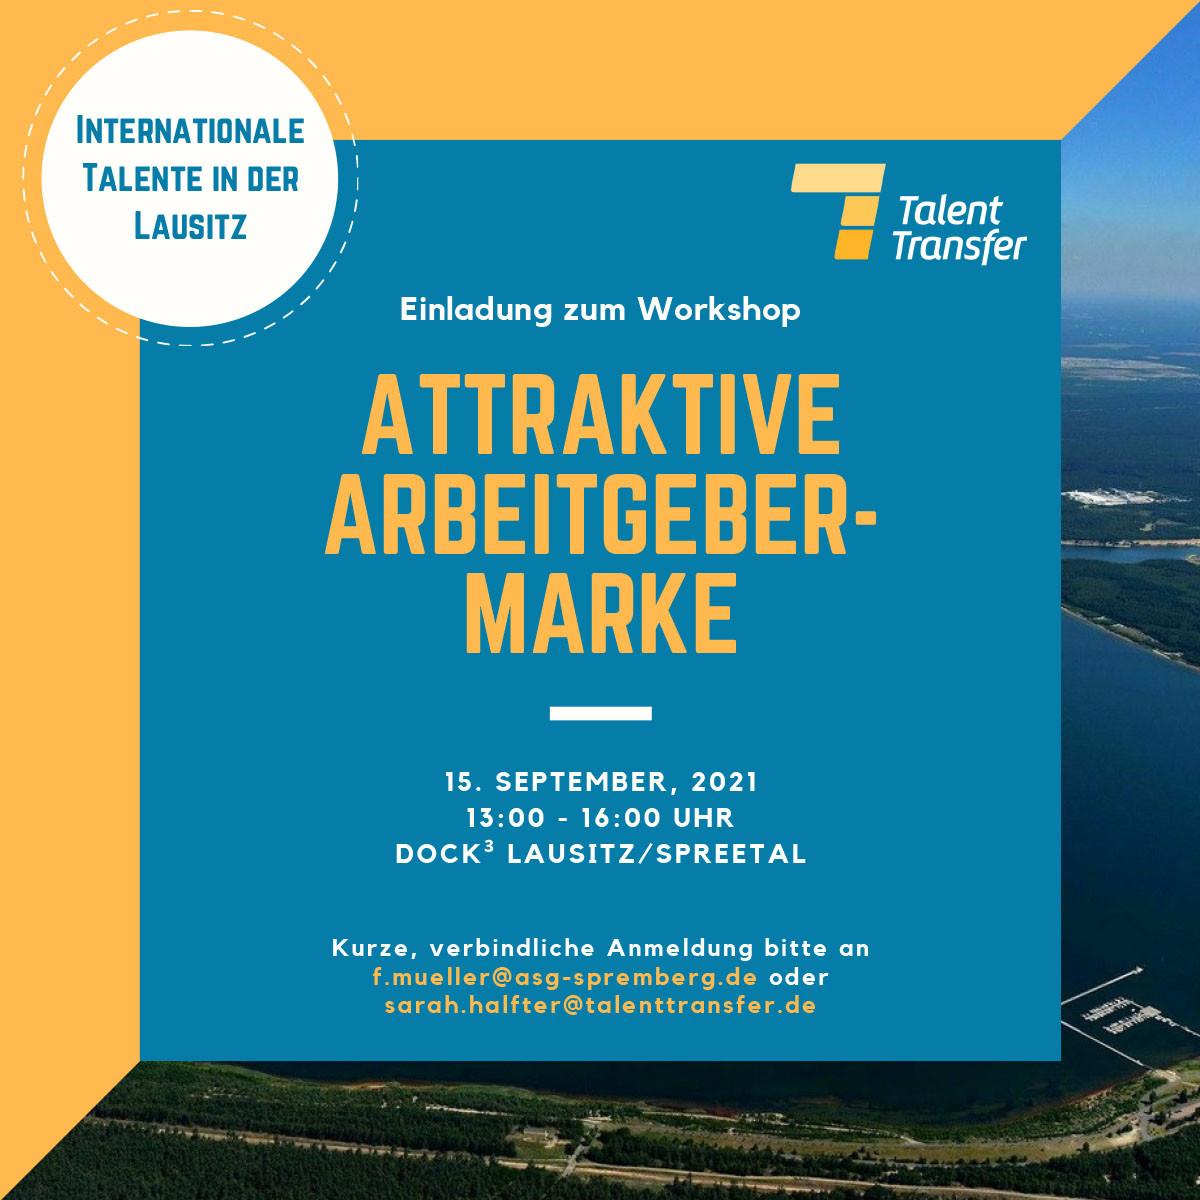 Am 15.09.21 findet im Dock3 Lausitz ein Workshop zum Thema Arbeitgebermarke statt.